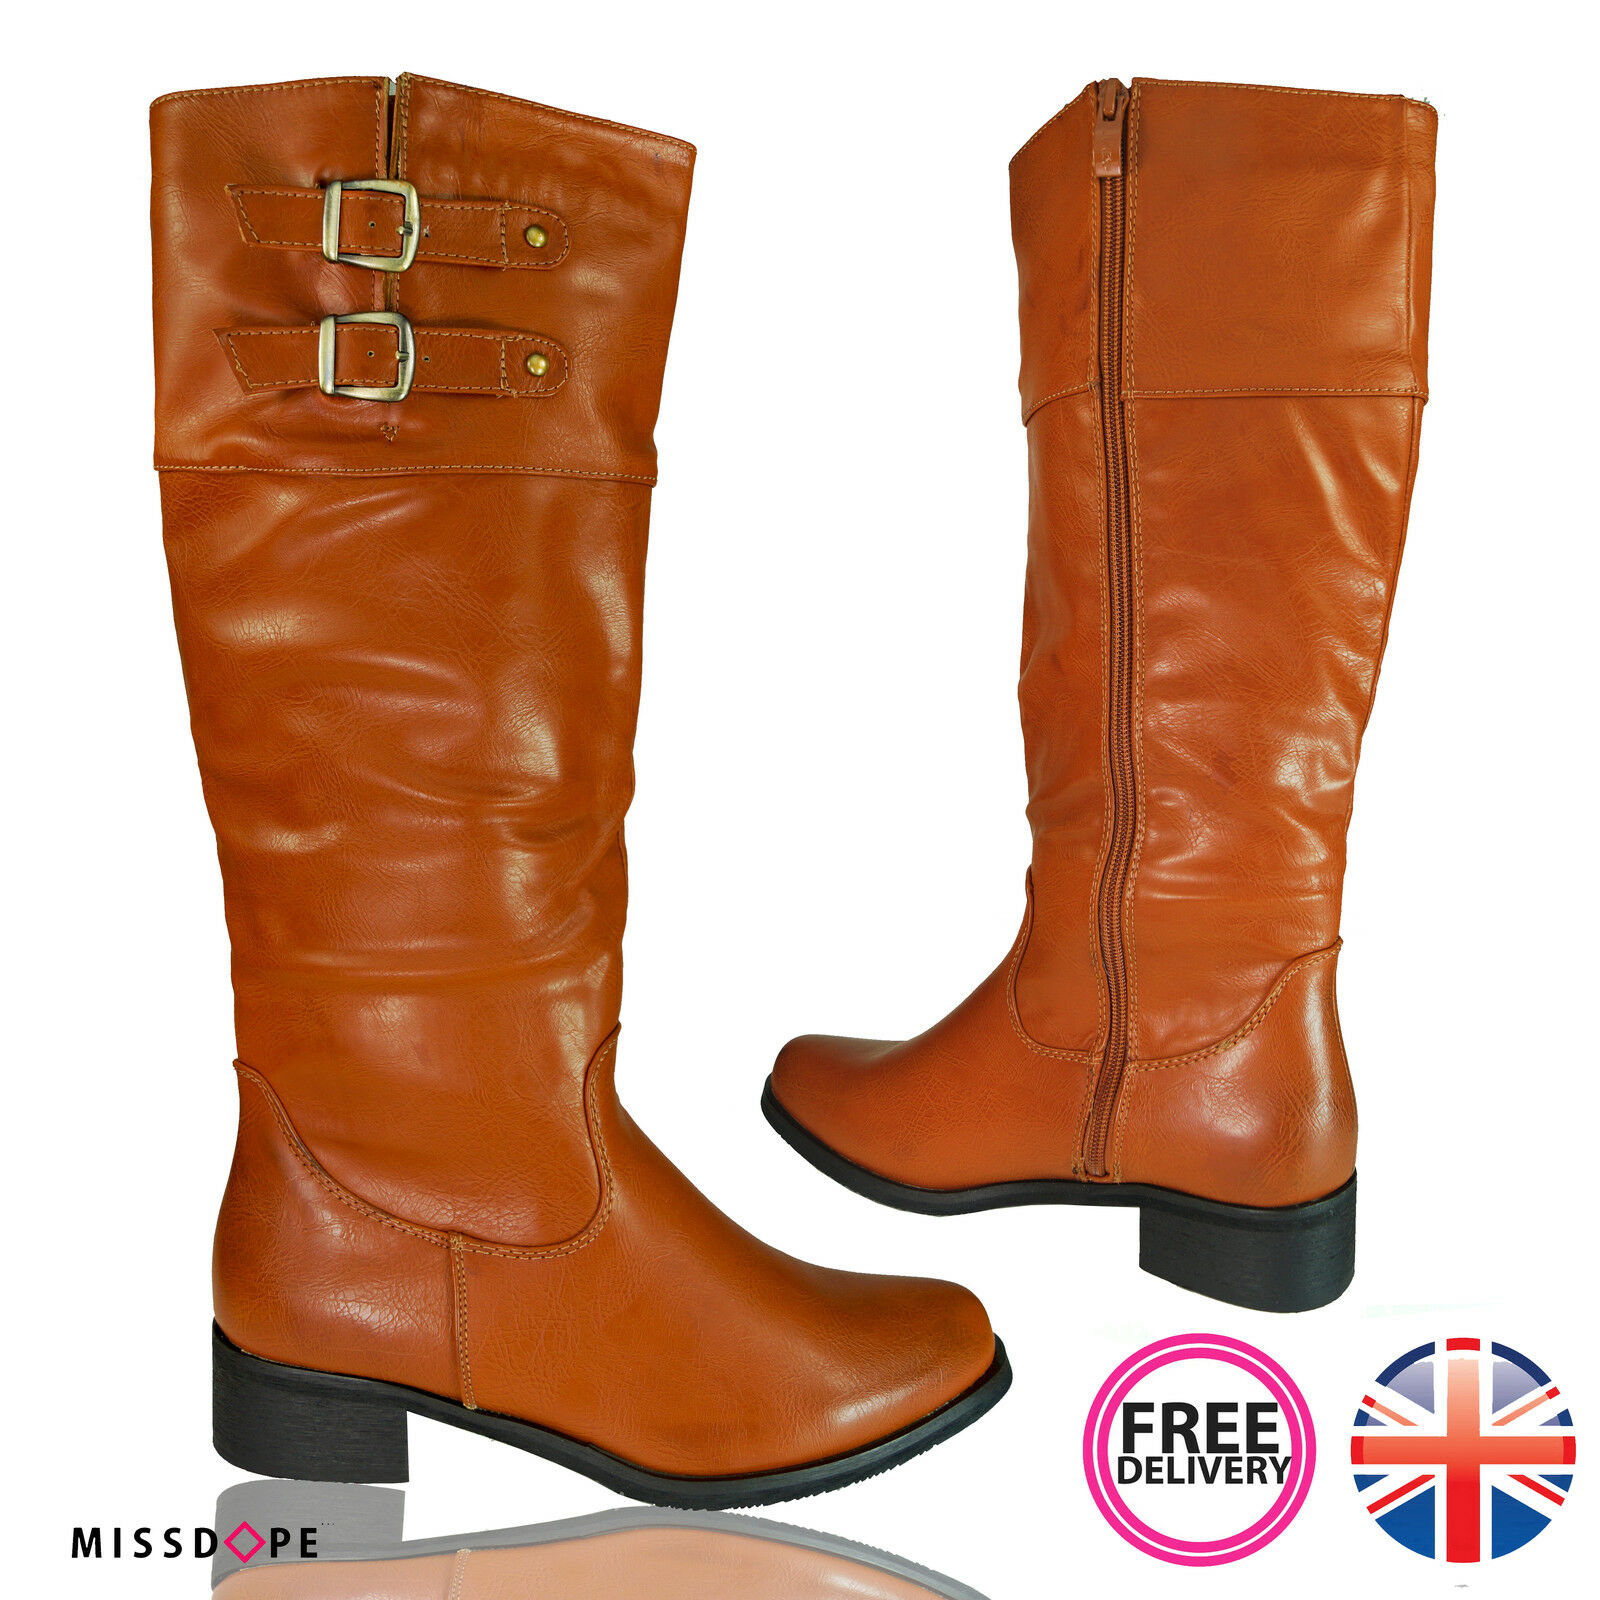 NEW BROWN BUCKLE LADIES CAMEL LOW HEEL BOOTS WINTER RIDING ZIP WOMENS COWBOY UK